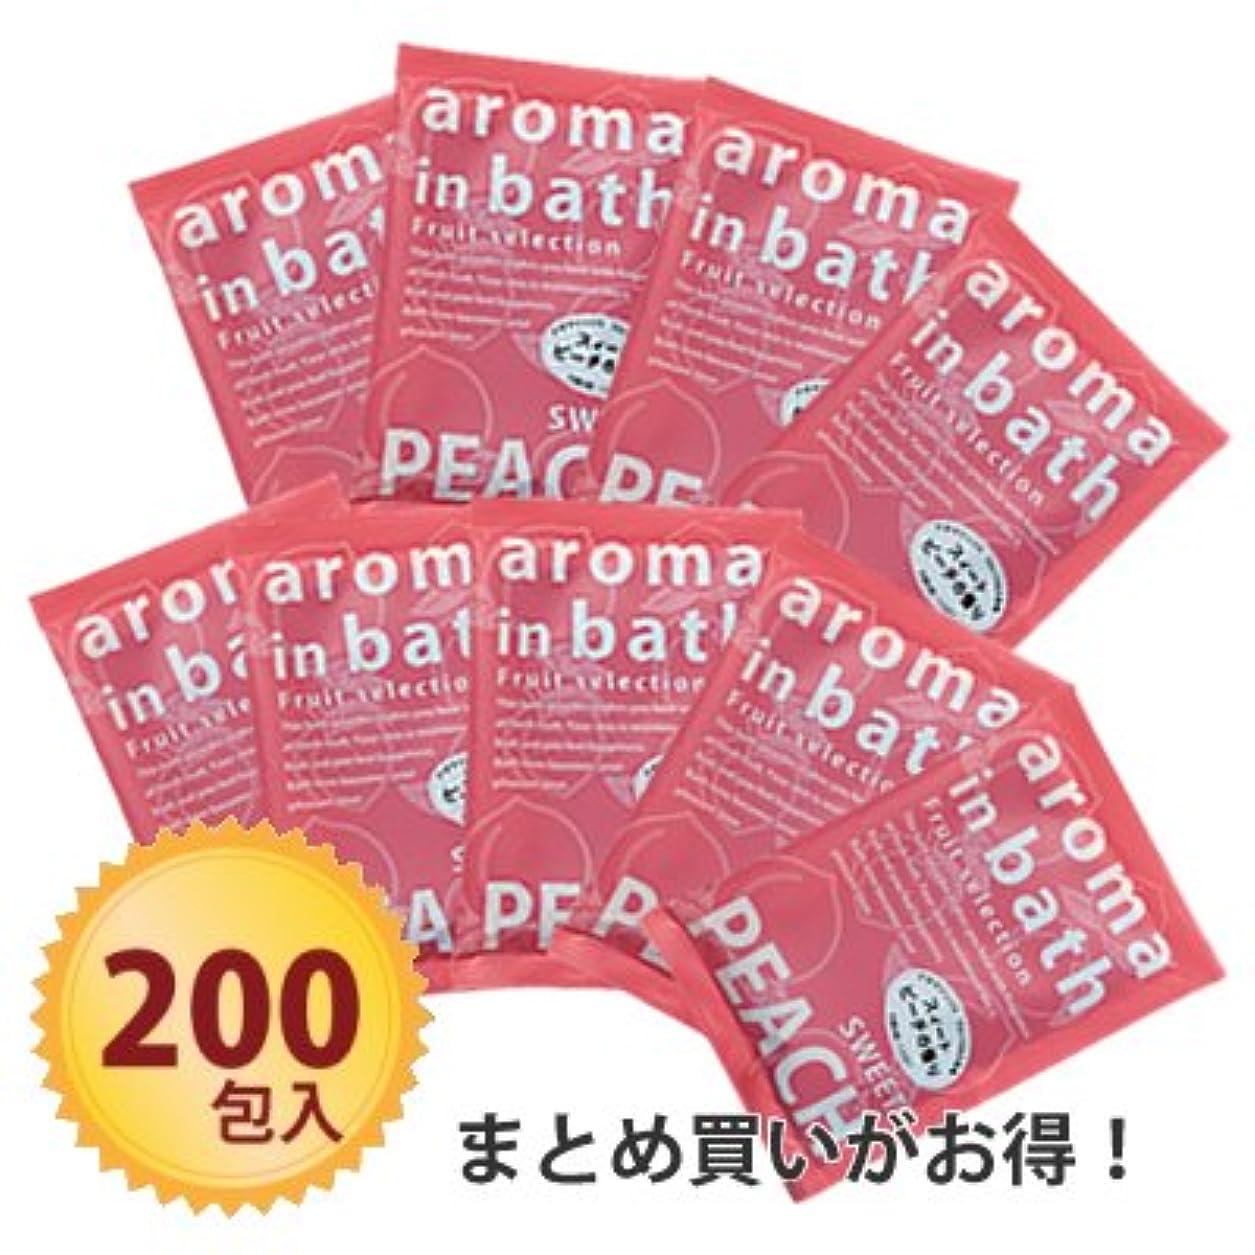 判決合法再編成する粉体入浴料 アロマインバス25g スイートピーチ ×200個